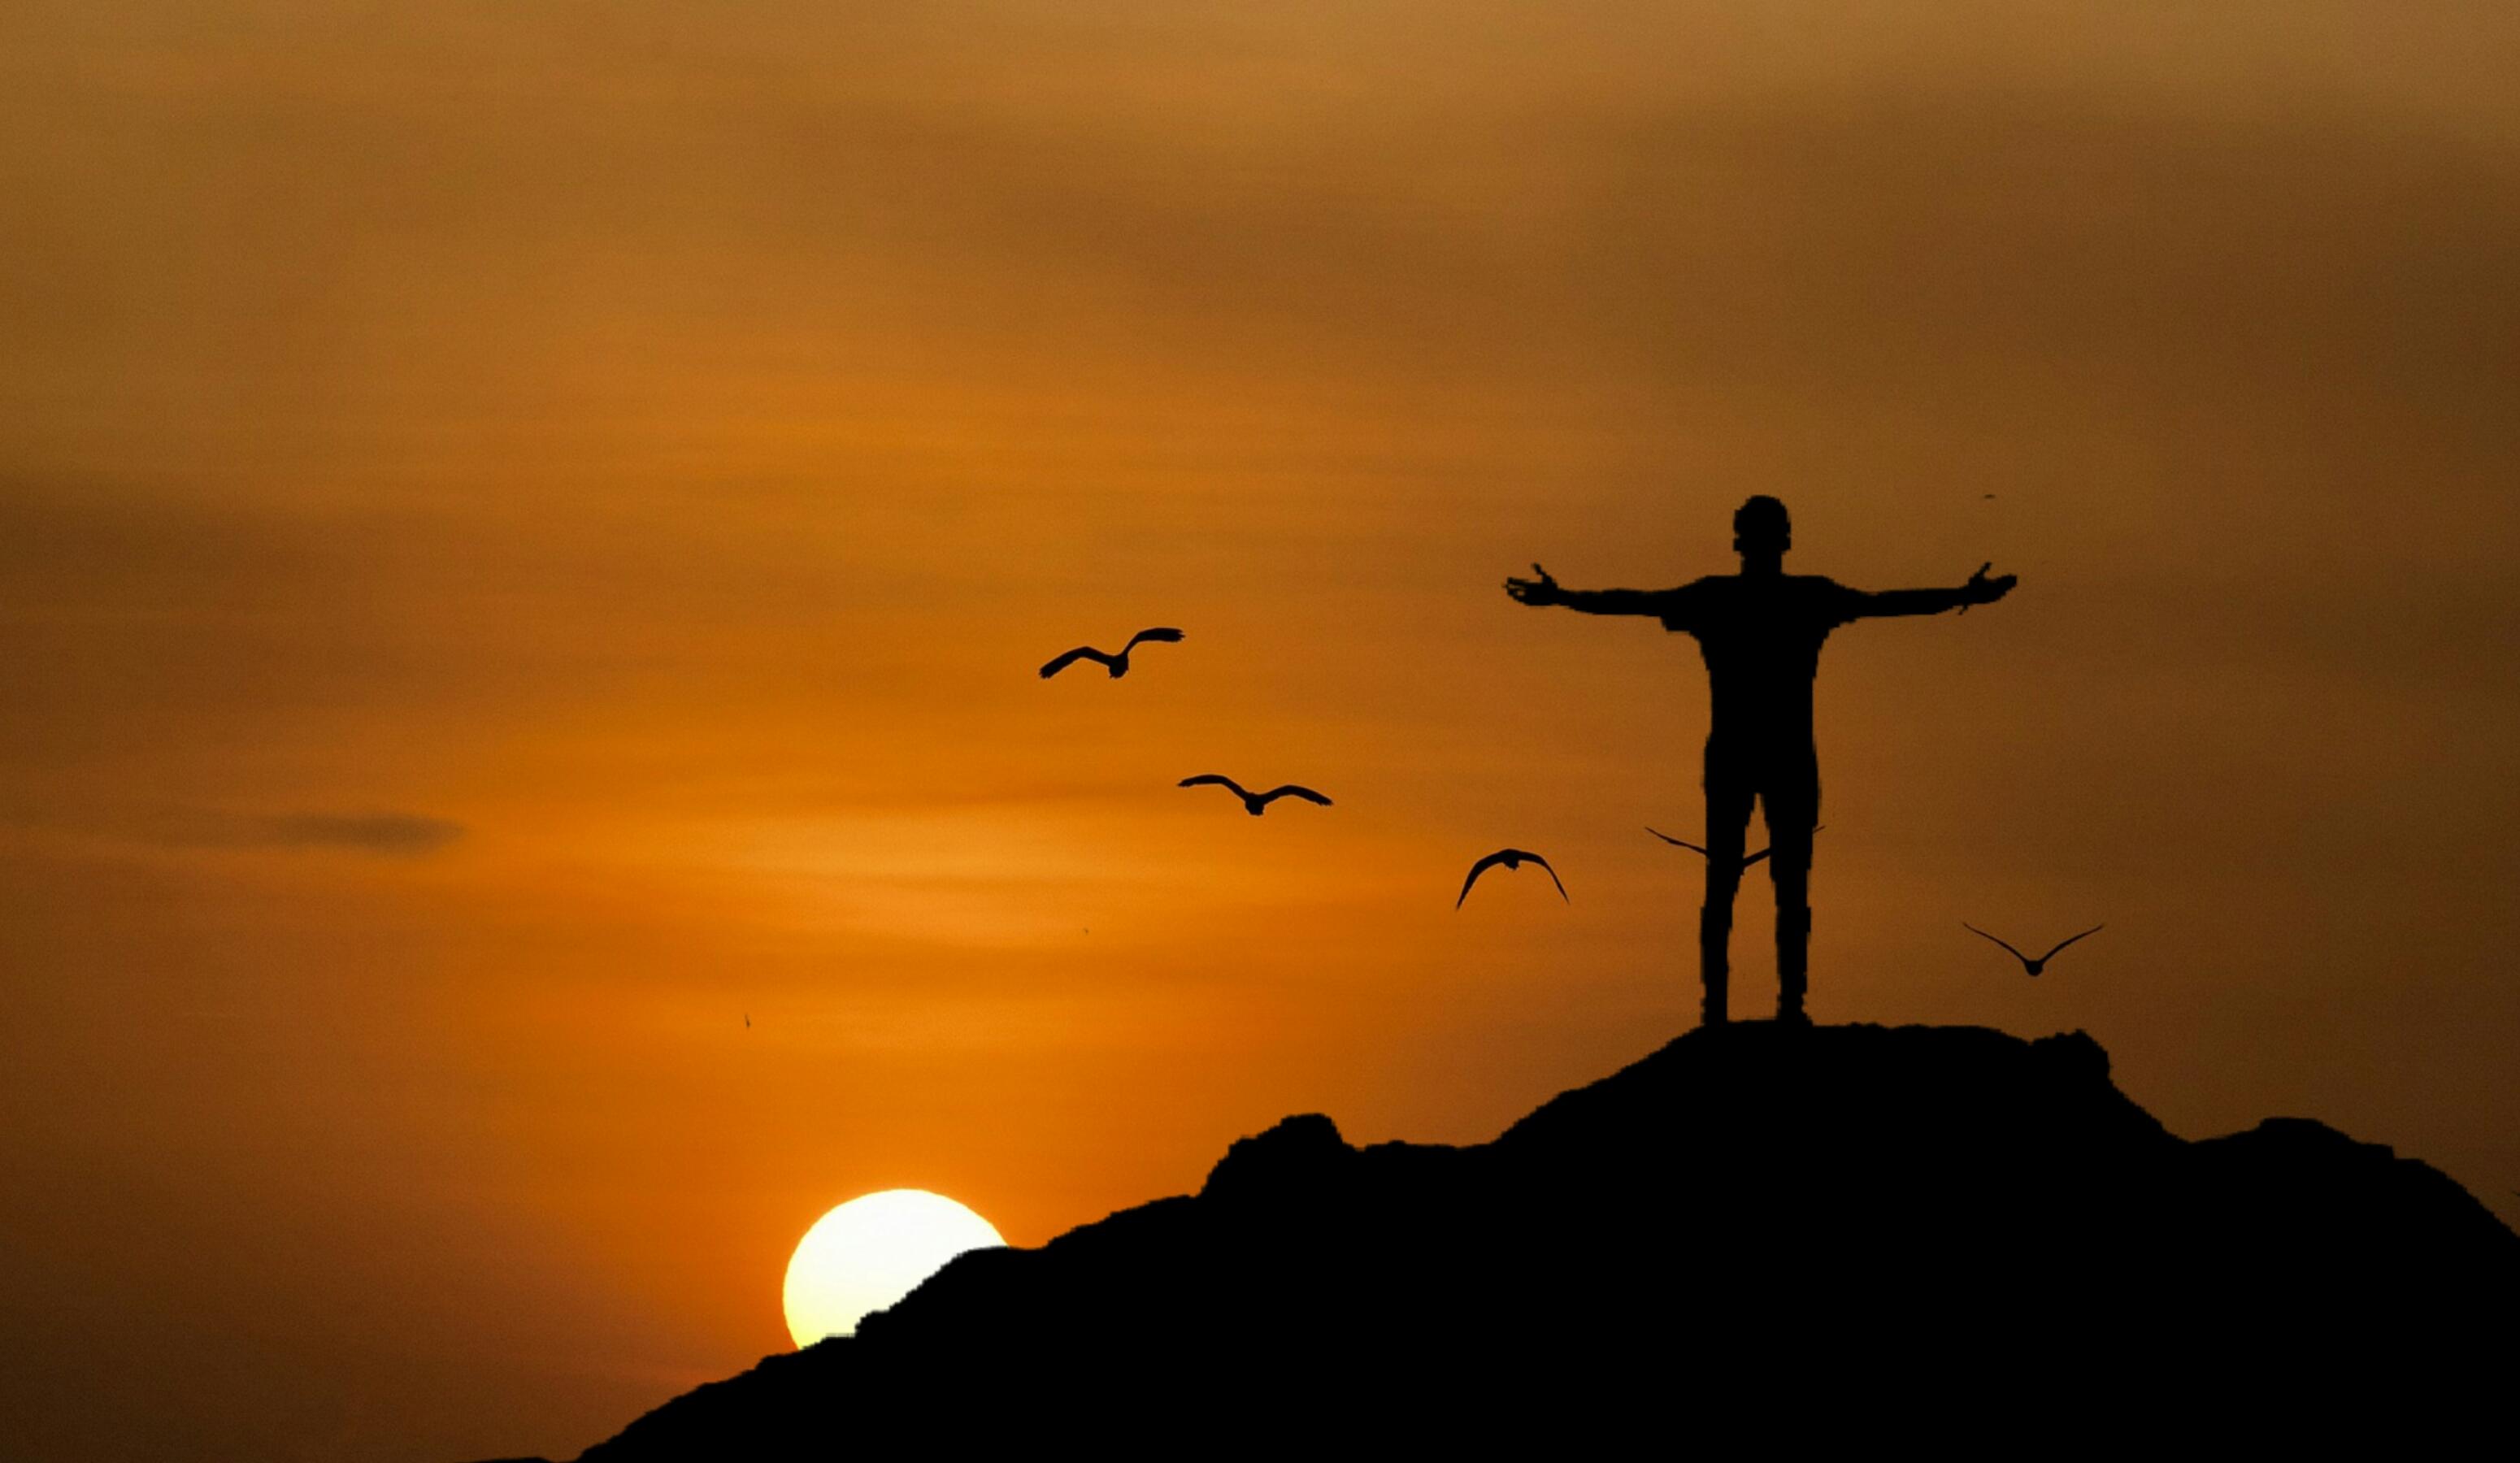 Free Images : hiking, sunset, sun, birds, twilight, flying ...